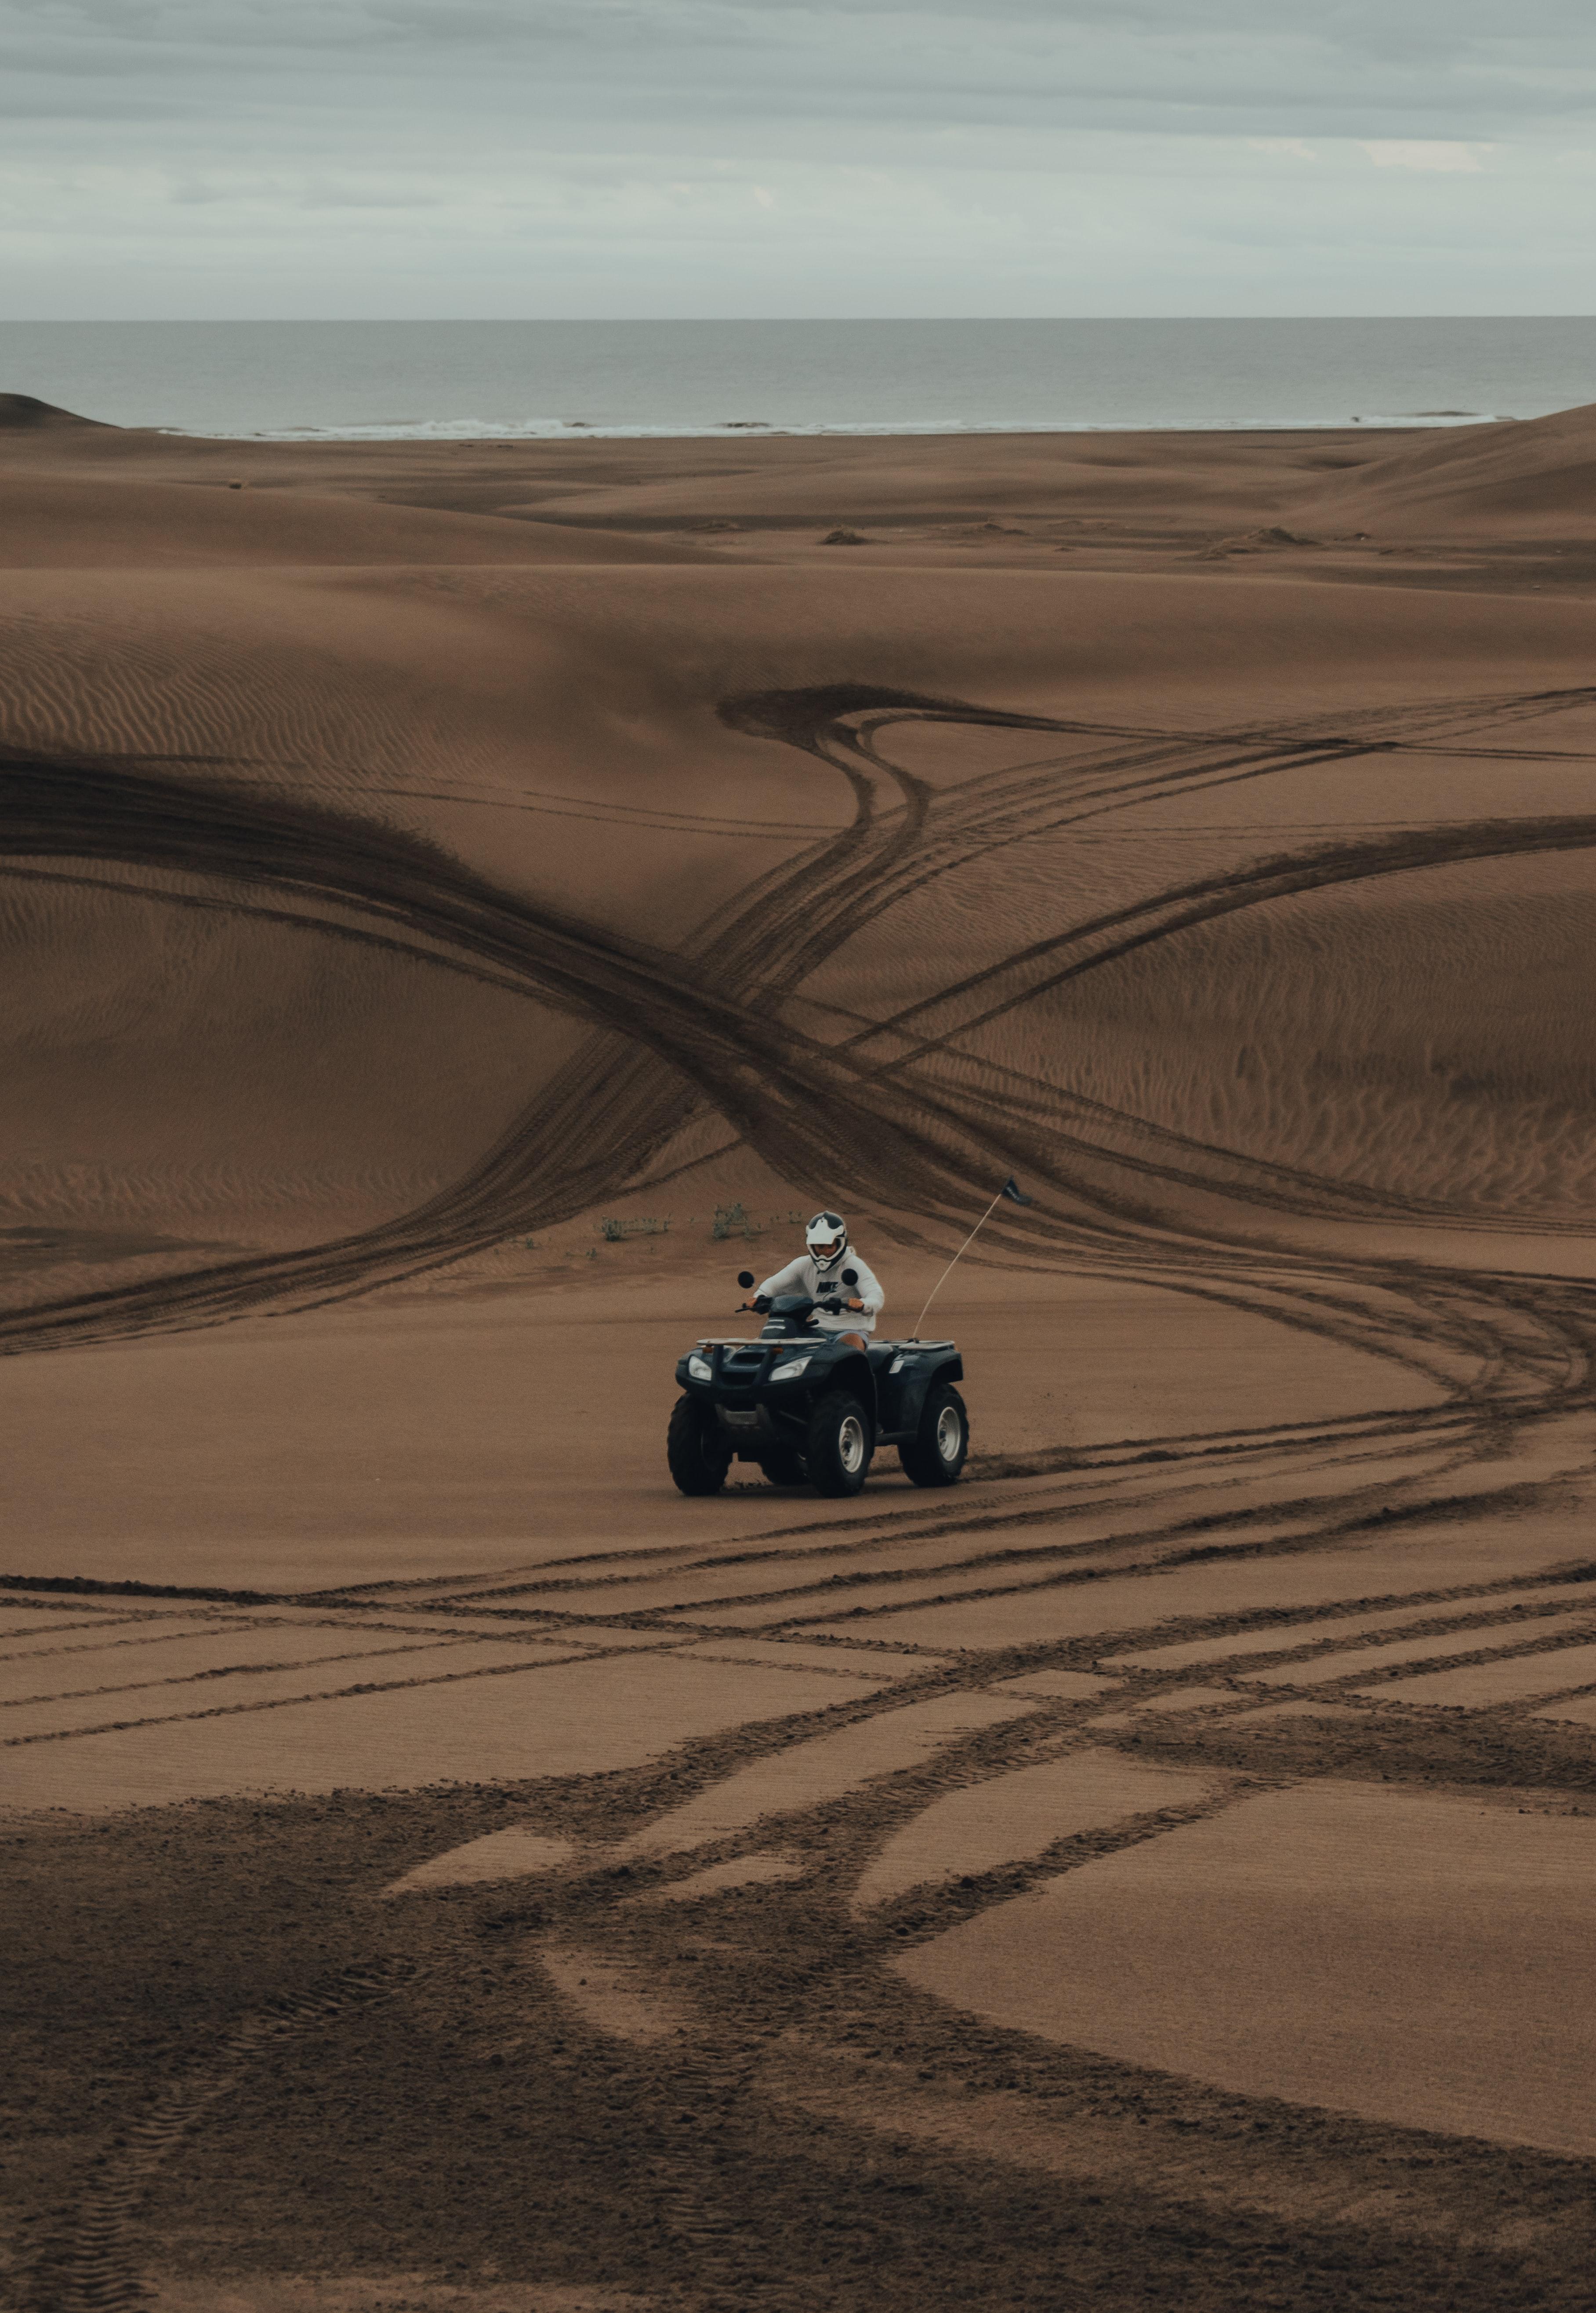 62892 скачать обои Мотоциклы, Квадроцикл, Песок, Следы, Пустыня - заставки и картинки бесплатно